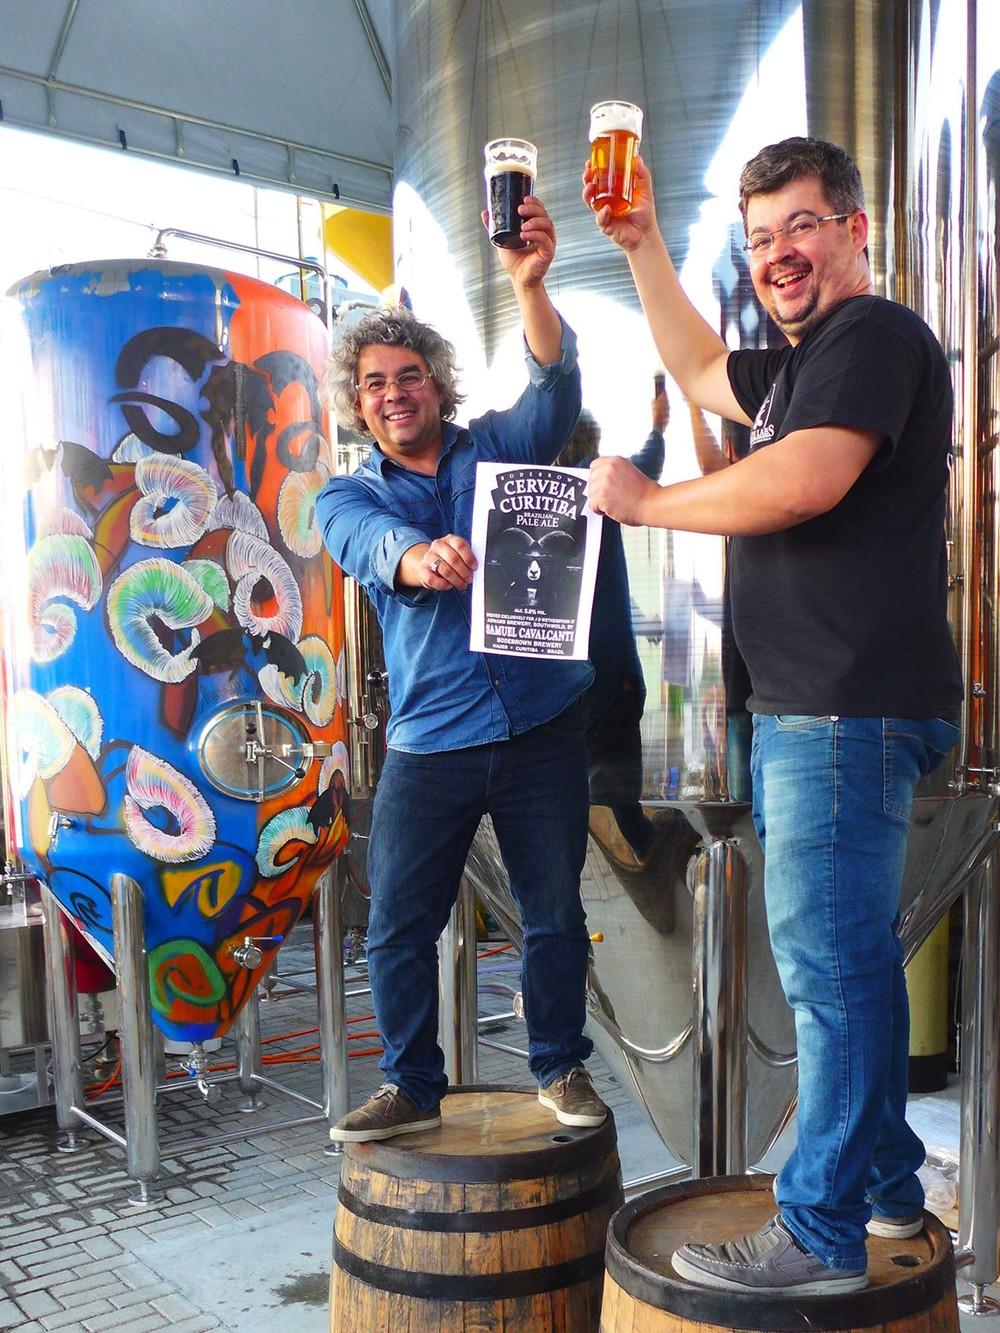 Samuel e Paulo Cavalcanti, sócios na Bodebrown, apresentam a cervejaria que irão fabricar na consta norte inglesa (Foto: Divulgação)